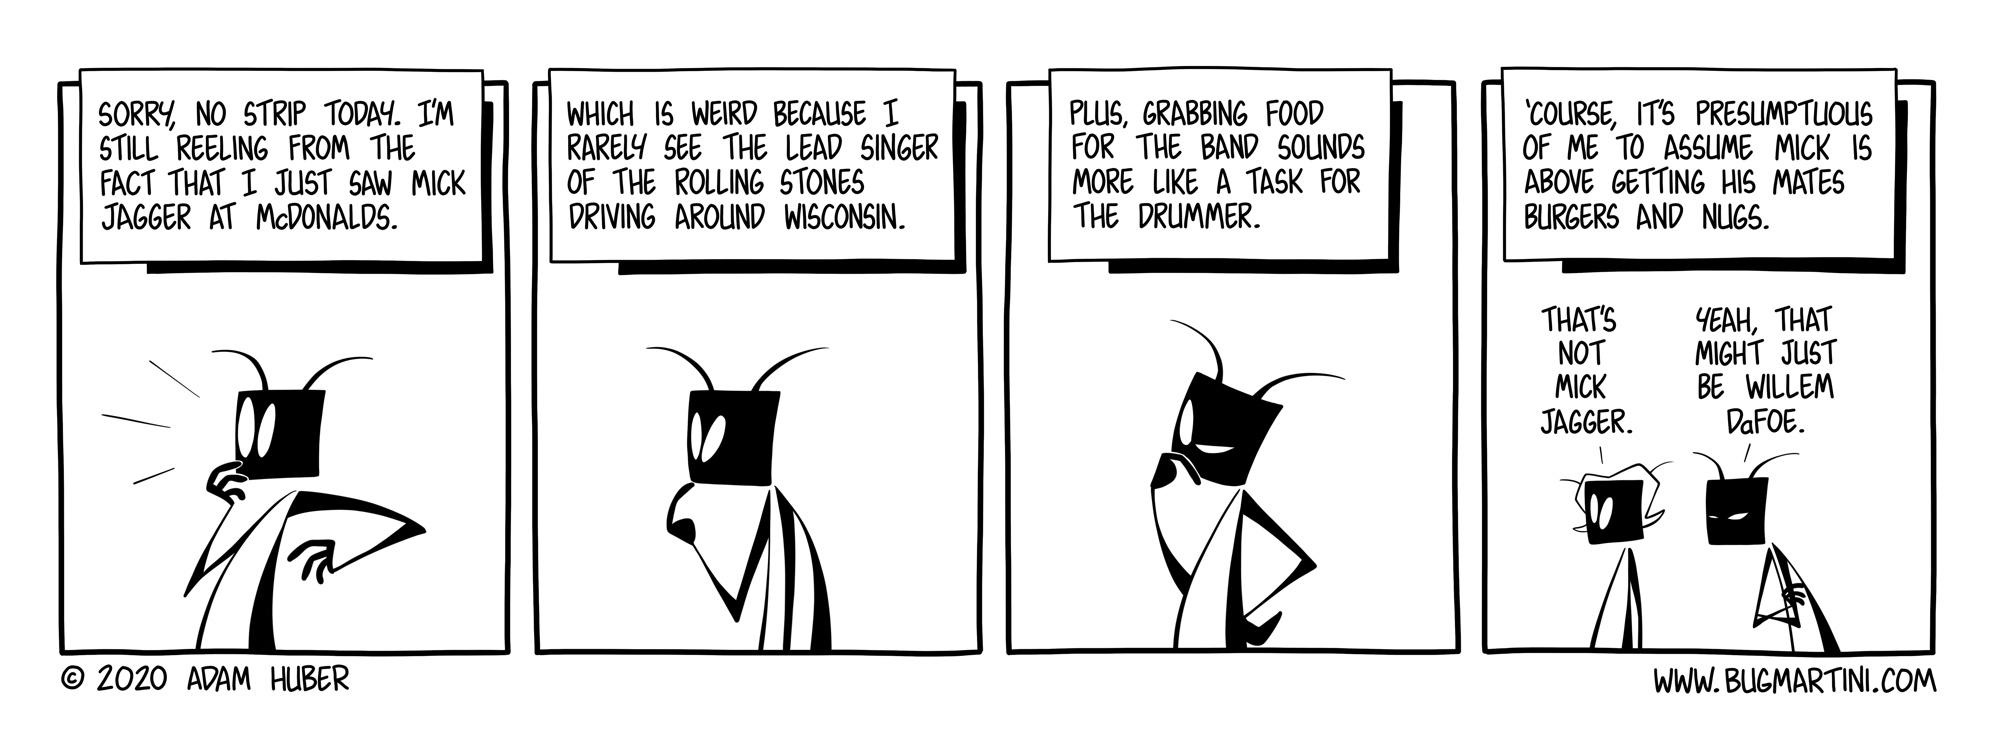 Doppeljagger